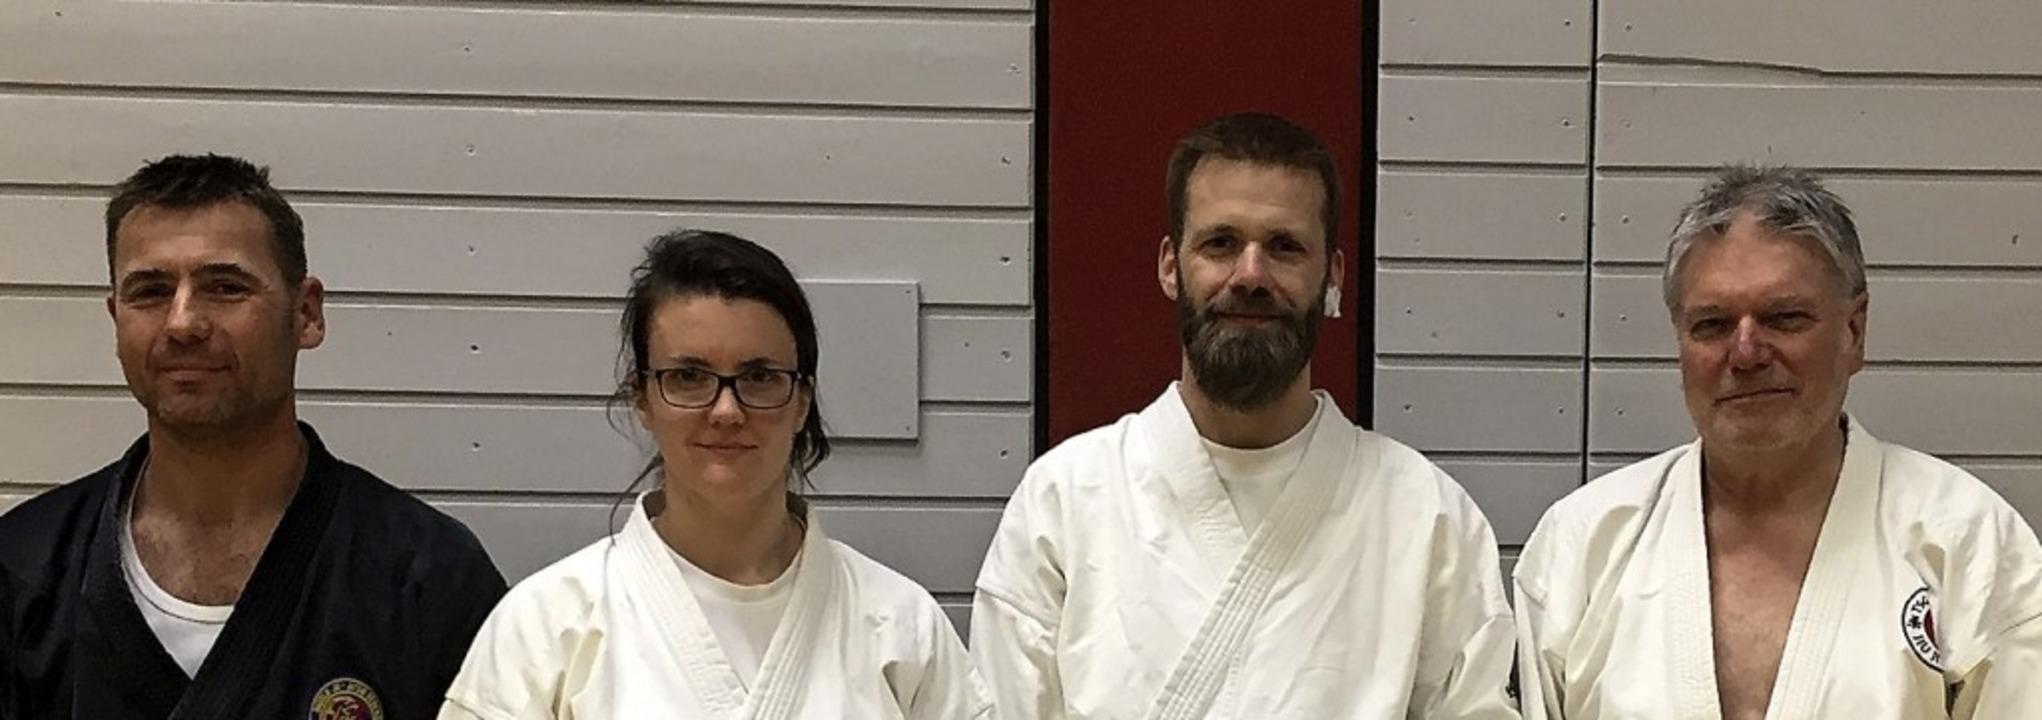 <BZ-FotoAnlauf>Hanbo:</BZ-FotoAnlauf> ...ngen Kathrin Treyer und  Dirk Liebert   | Foto: Quynh Nyugen